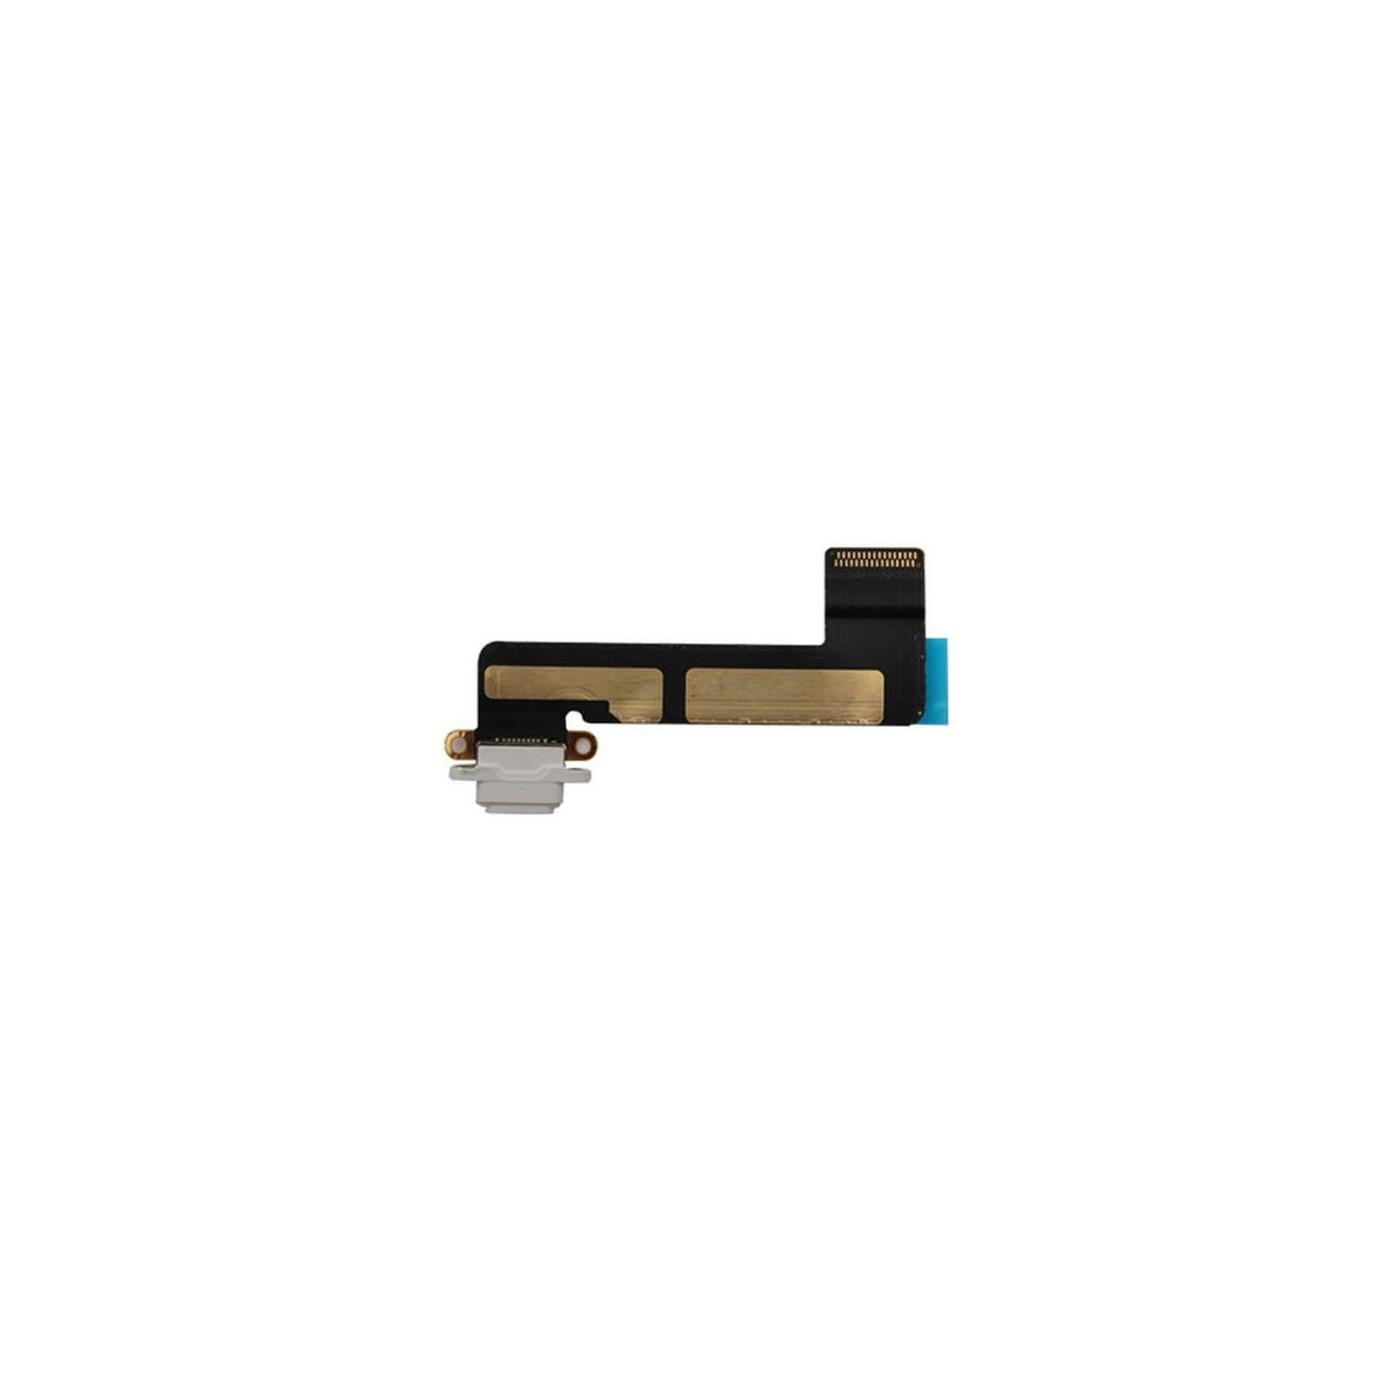 Conector de carga para el puerto de carga plano de la mini flex de Apple ipad blanco